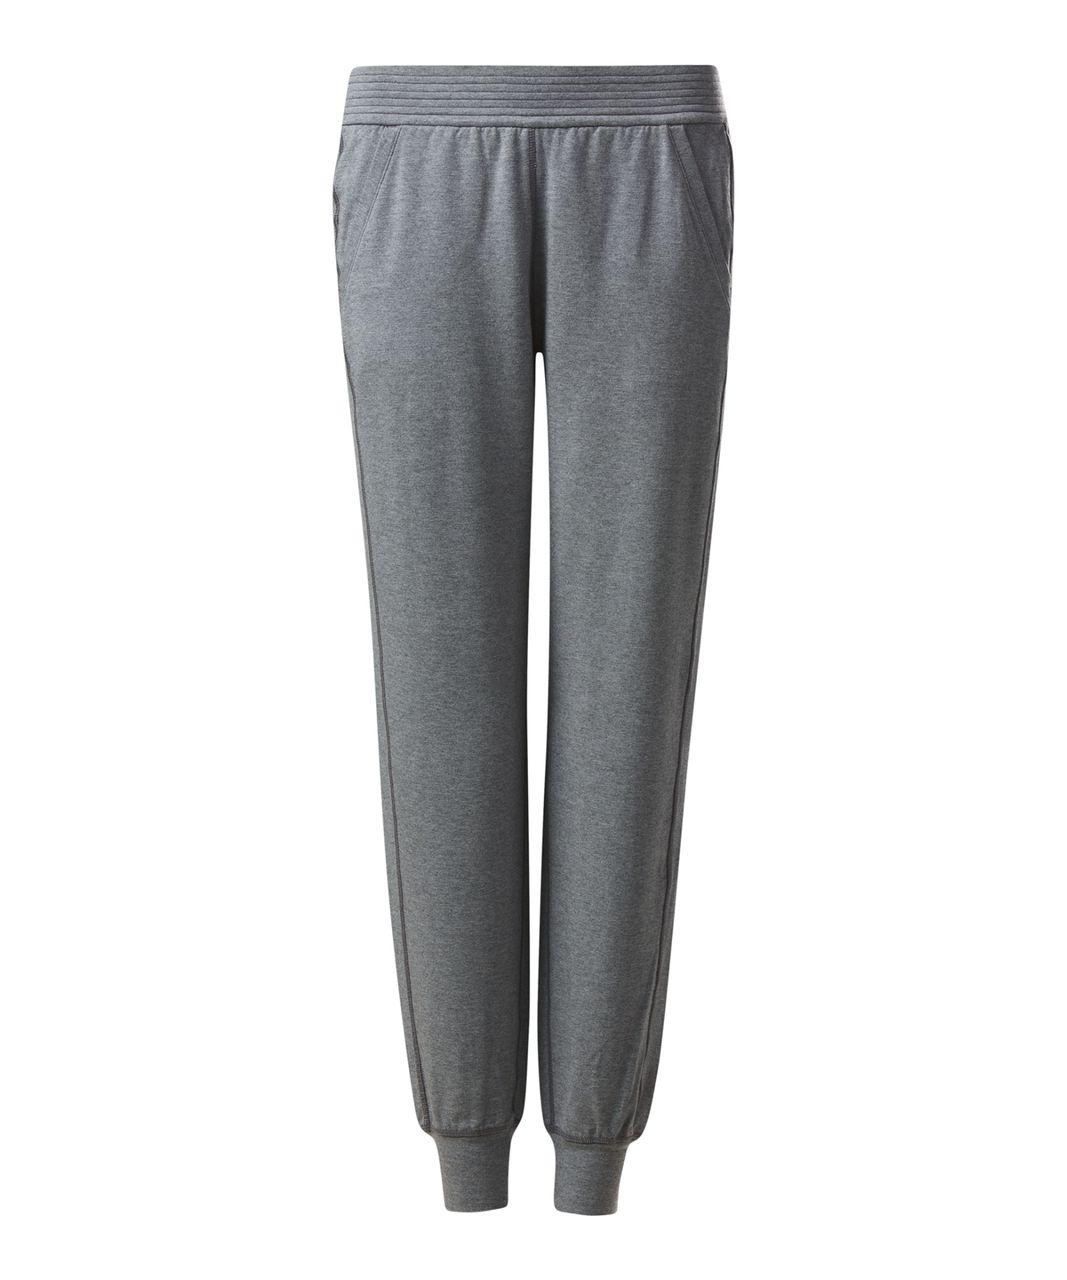 Lululemon Ceremony Sweatpant - Heathered Medium Grey